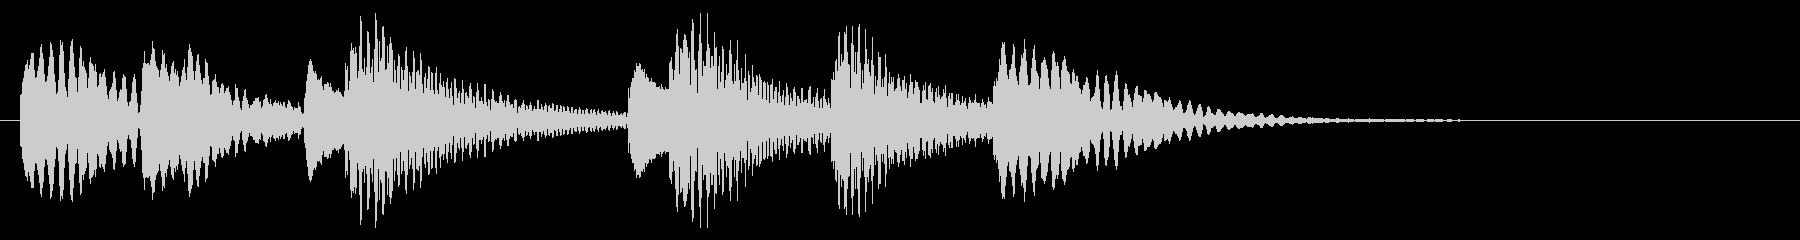 木琴 可愛い ほのぼの ジングル の未再生の波形